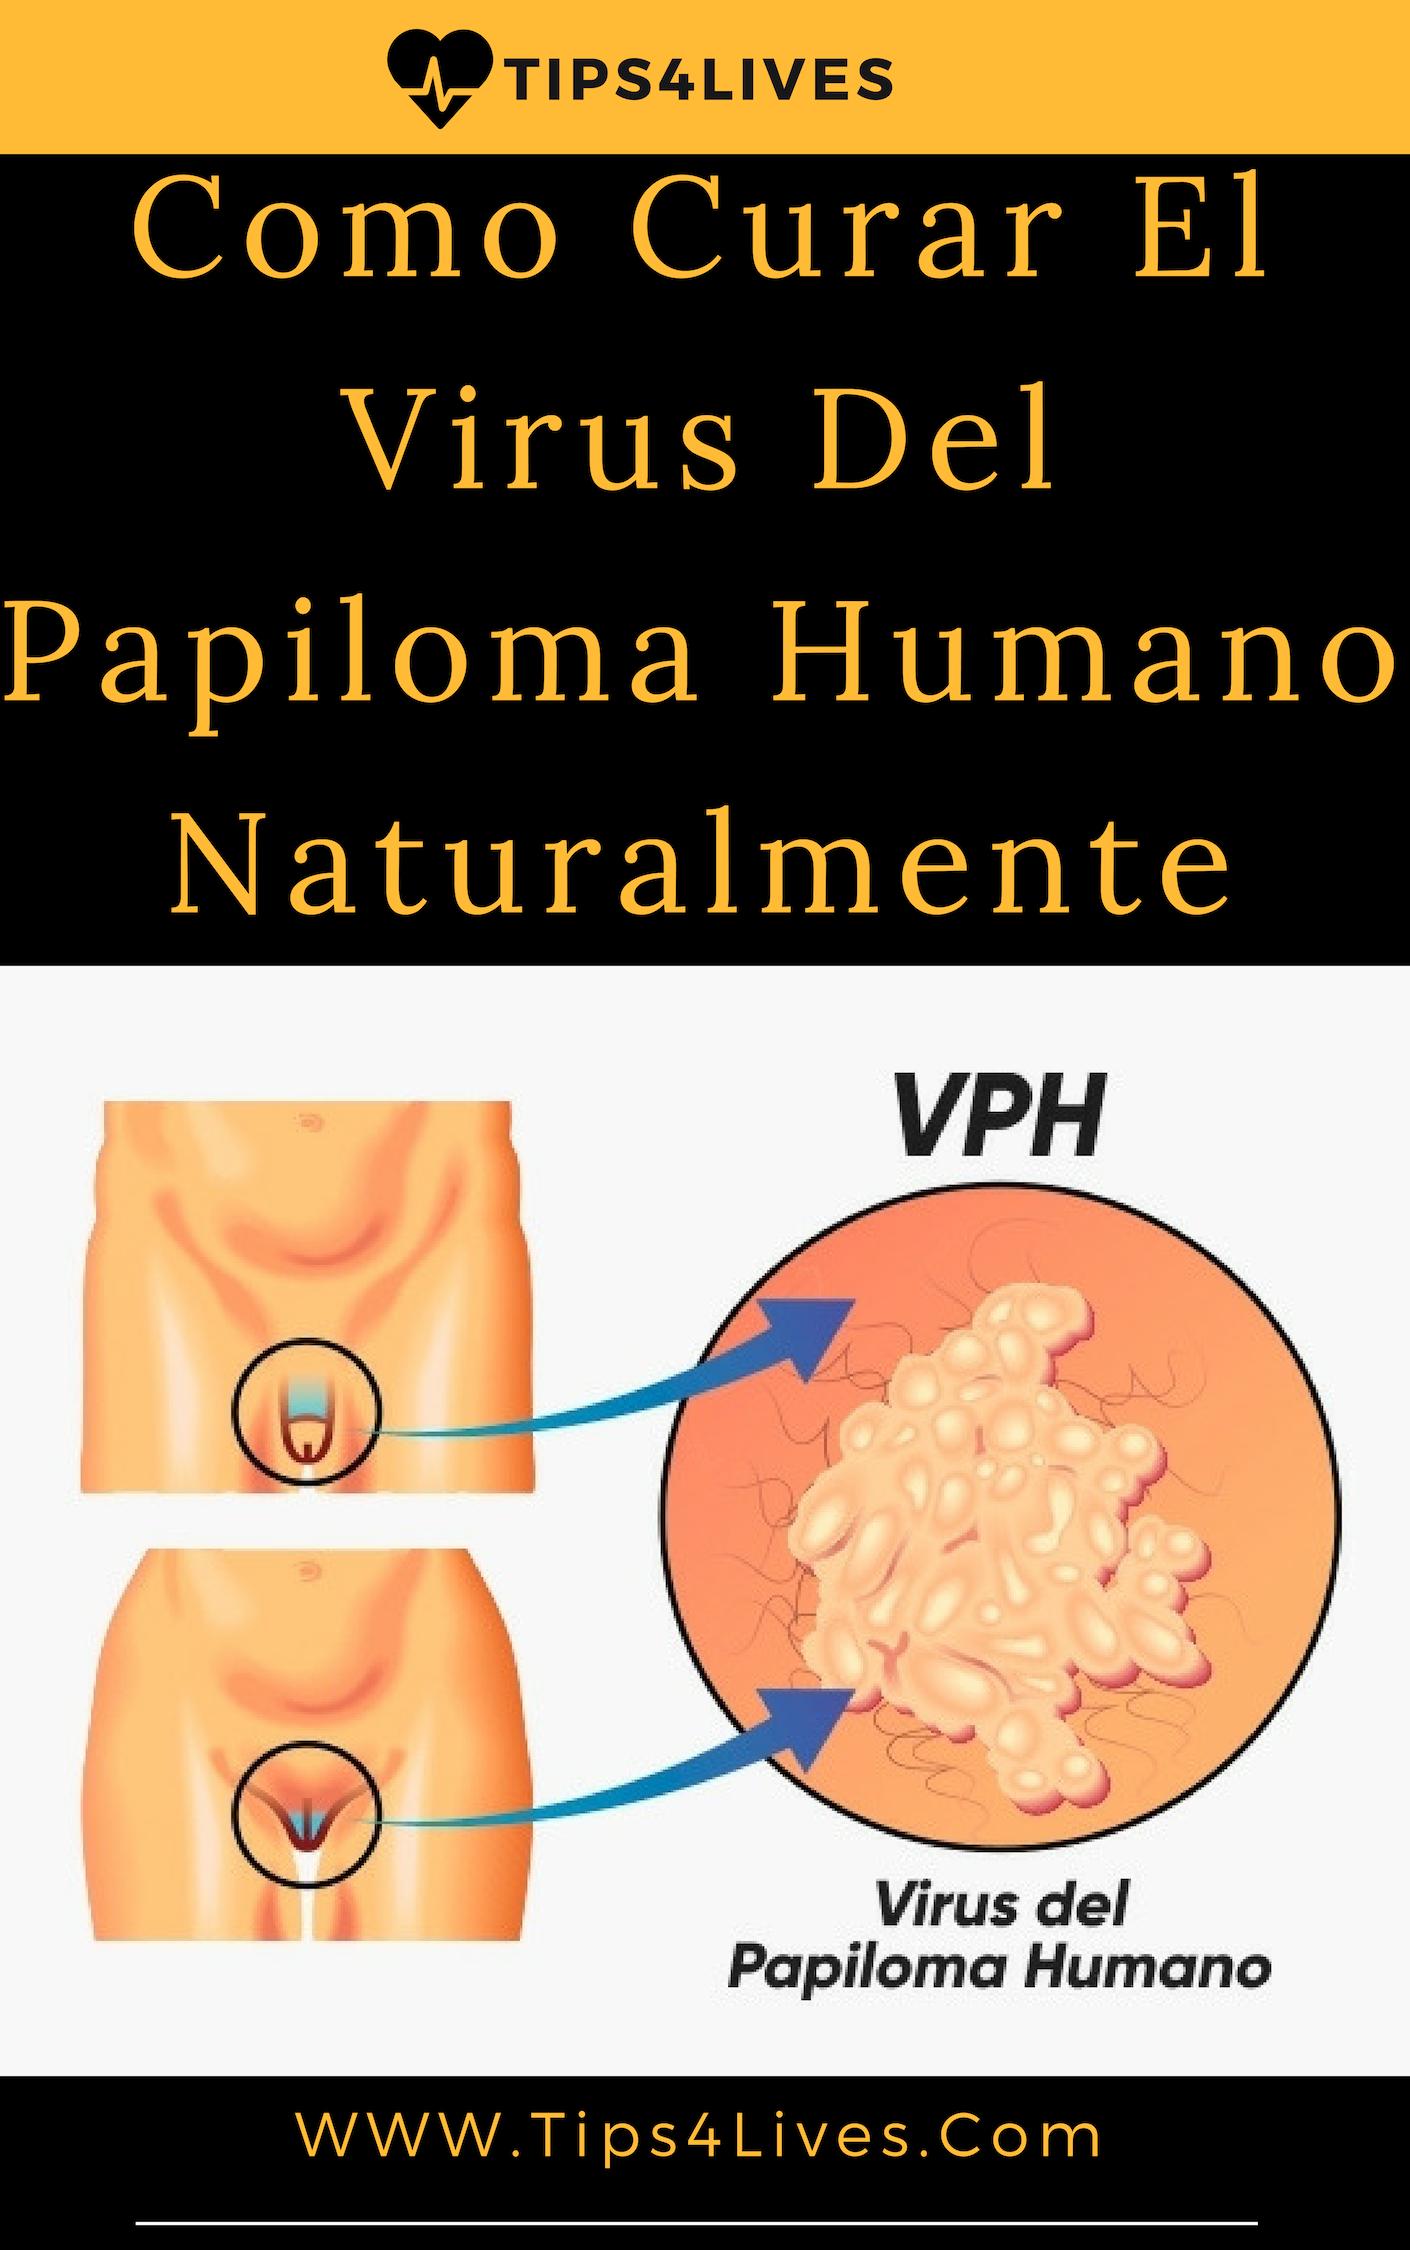 virus del papiloma humano en mujeres tiene cura)